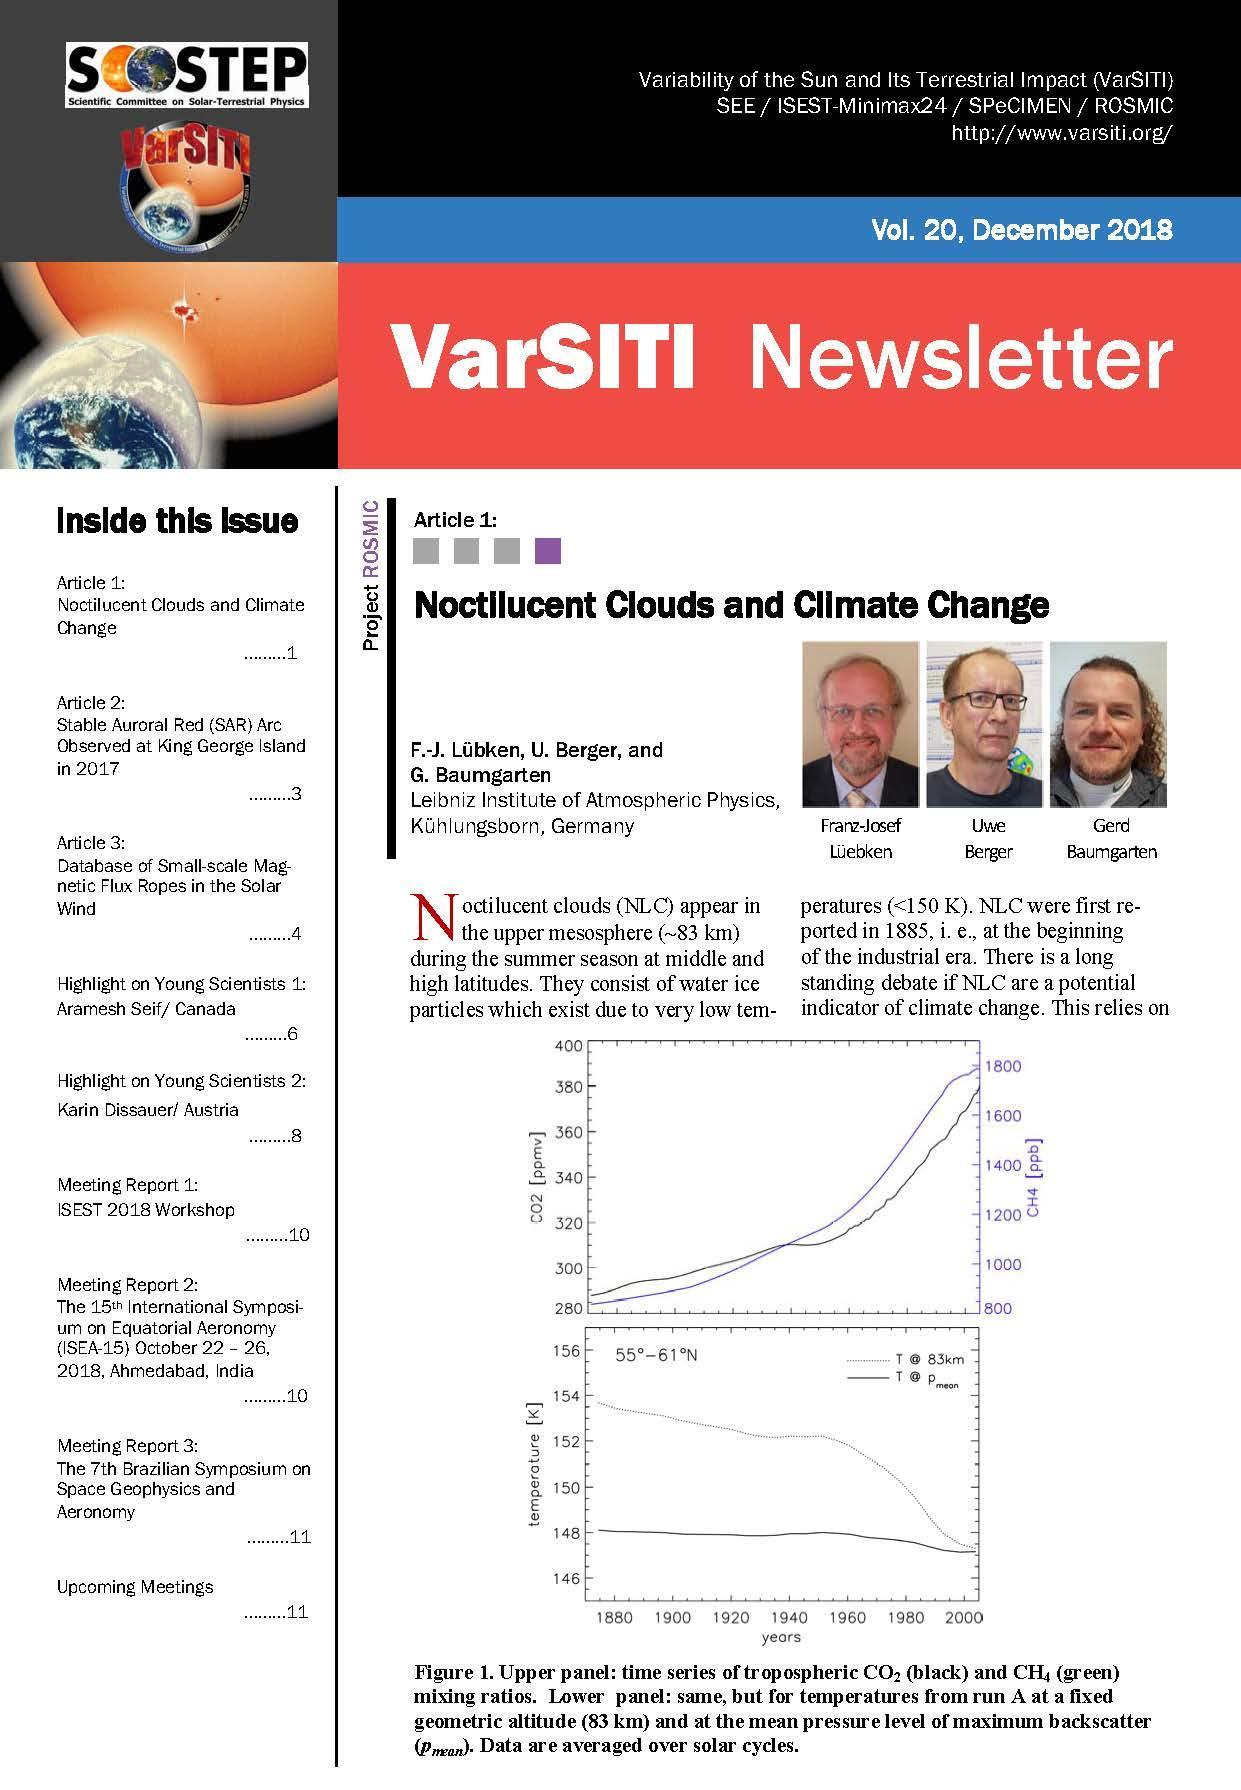 VarSITI_Newsletter_Vol20.jpg